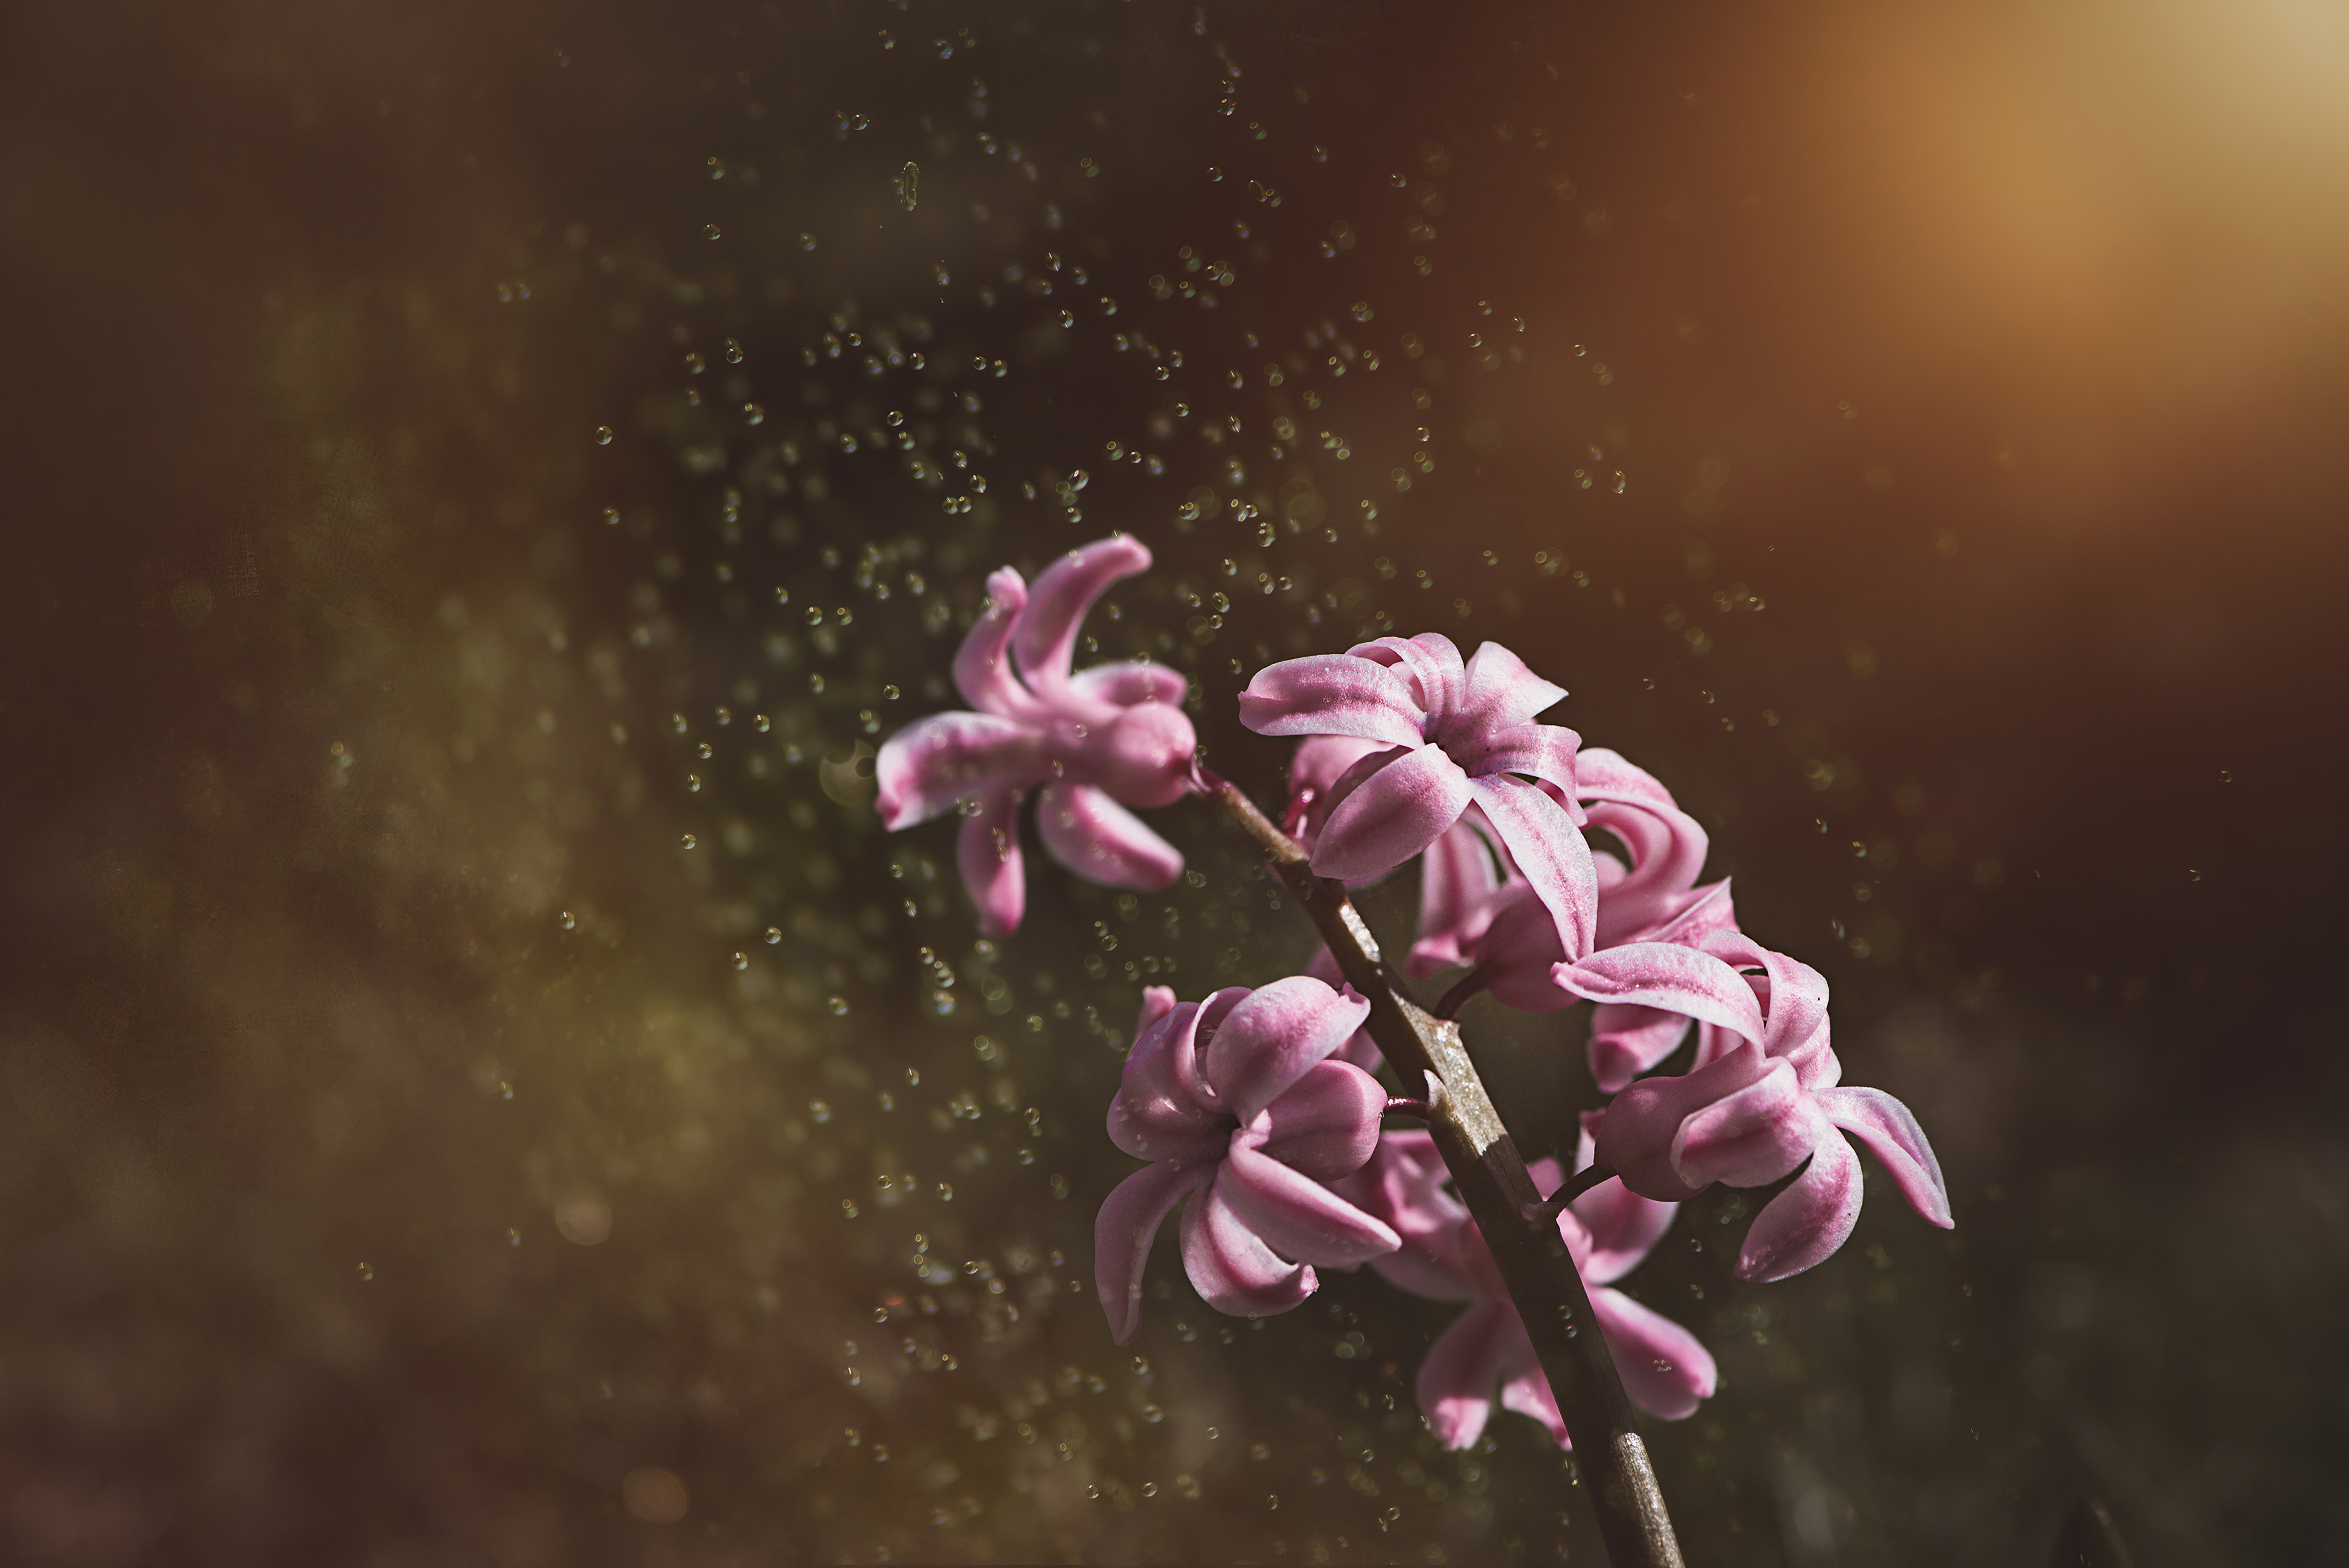 pink color hyacinth flowers 4k 1606577687 1 - Pink Color Hyacinth Flowers 4k - Pink Color Hyacinth Flowers 4k wallpapers